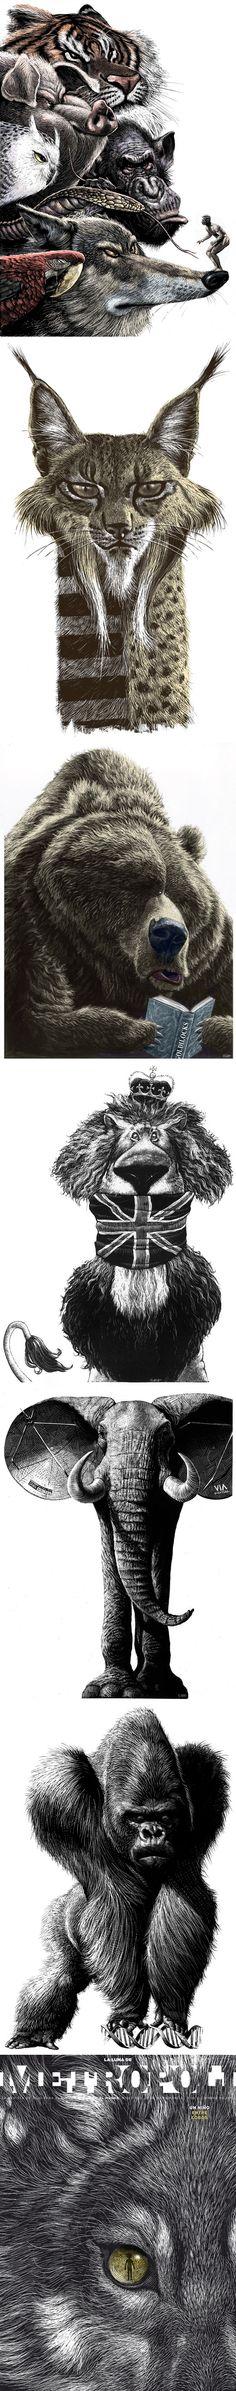 Les dessins et illustrations satiriques hallucinantes de Ricardo Martinez (Espagne).